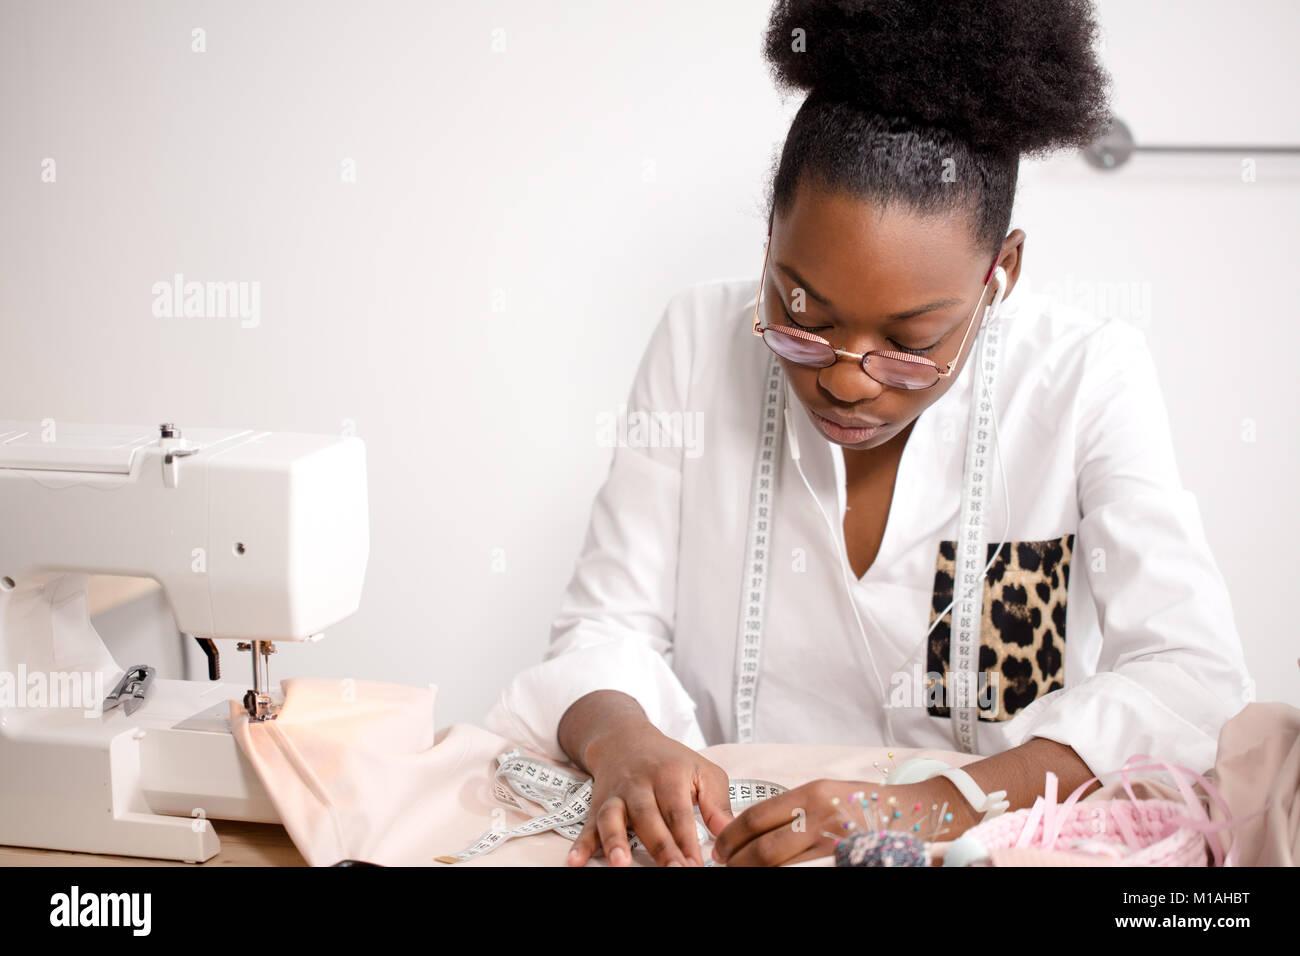 Afrikanische Näherin arbeiten mit Stoff ergreift Maßnahmen Stockbild